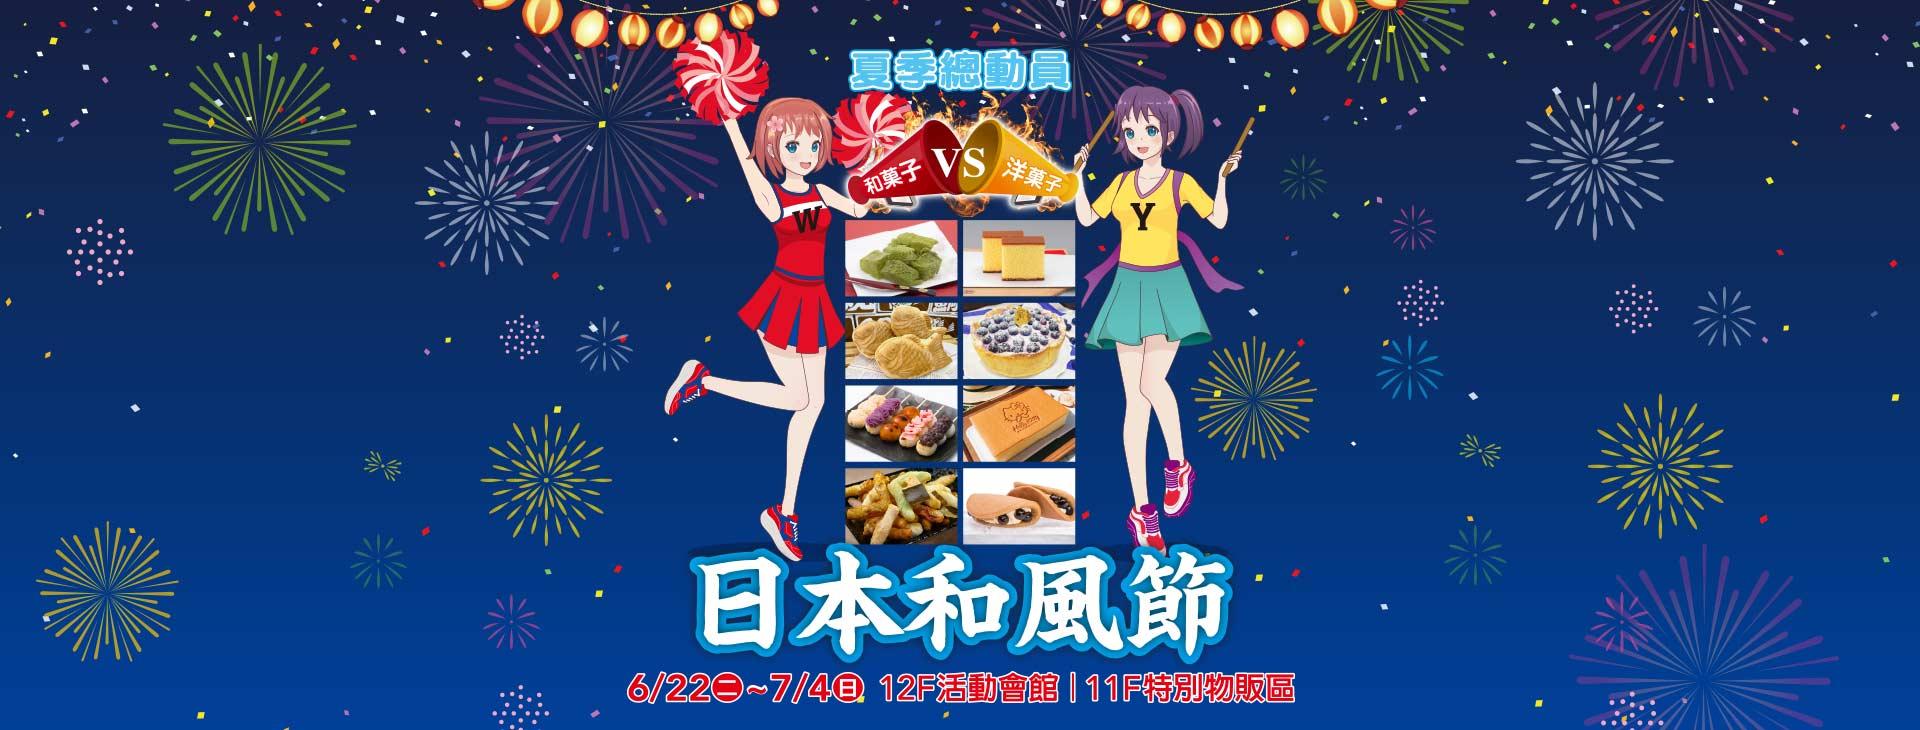 「日本和風節」夏季總動員-和菓子VS洋菓子